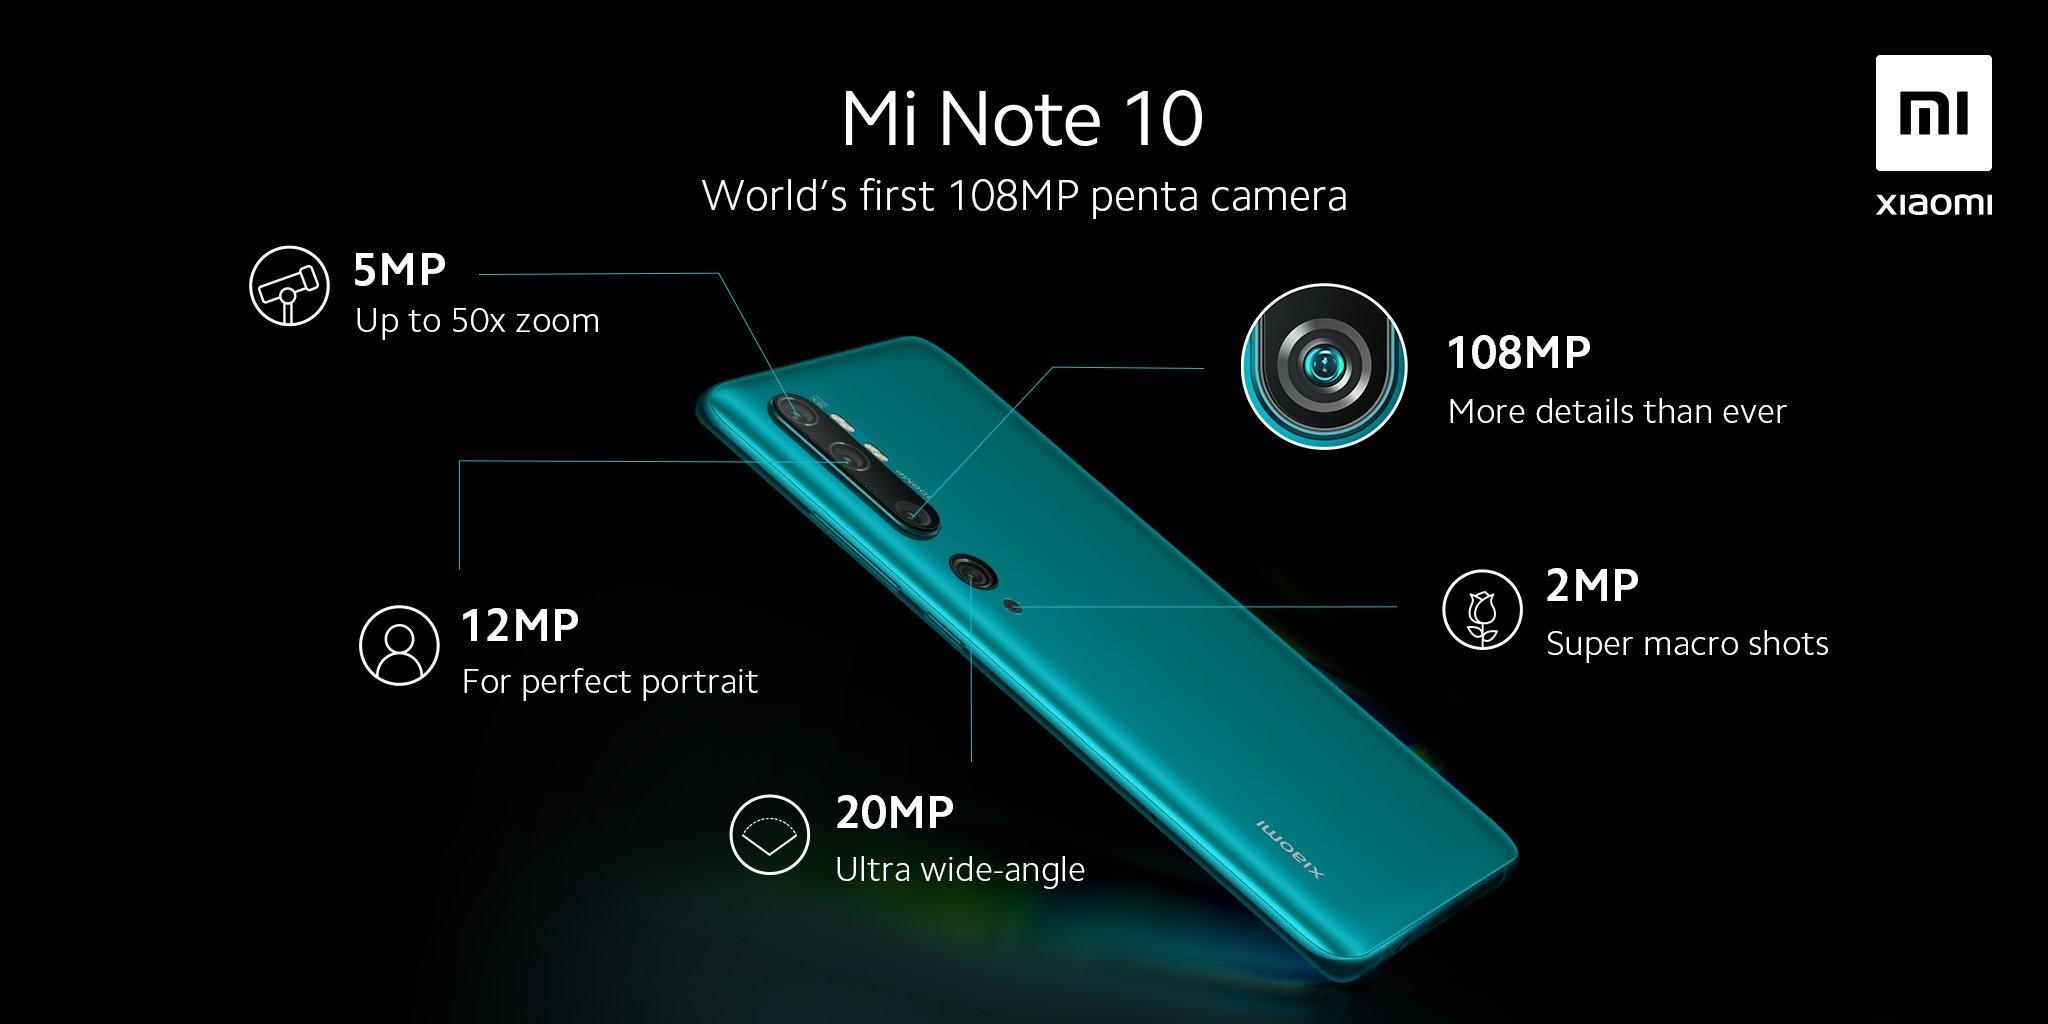 Camaras Xiaomi Mi Note 10